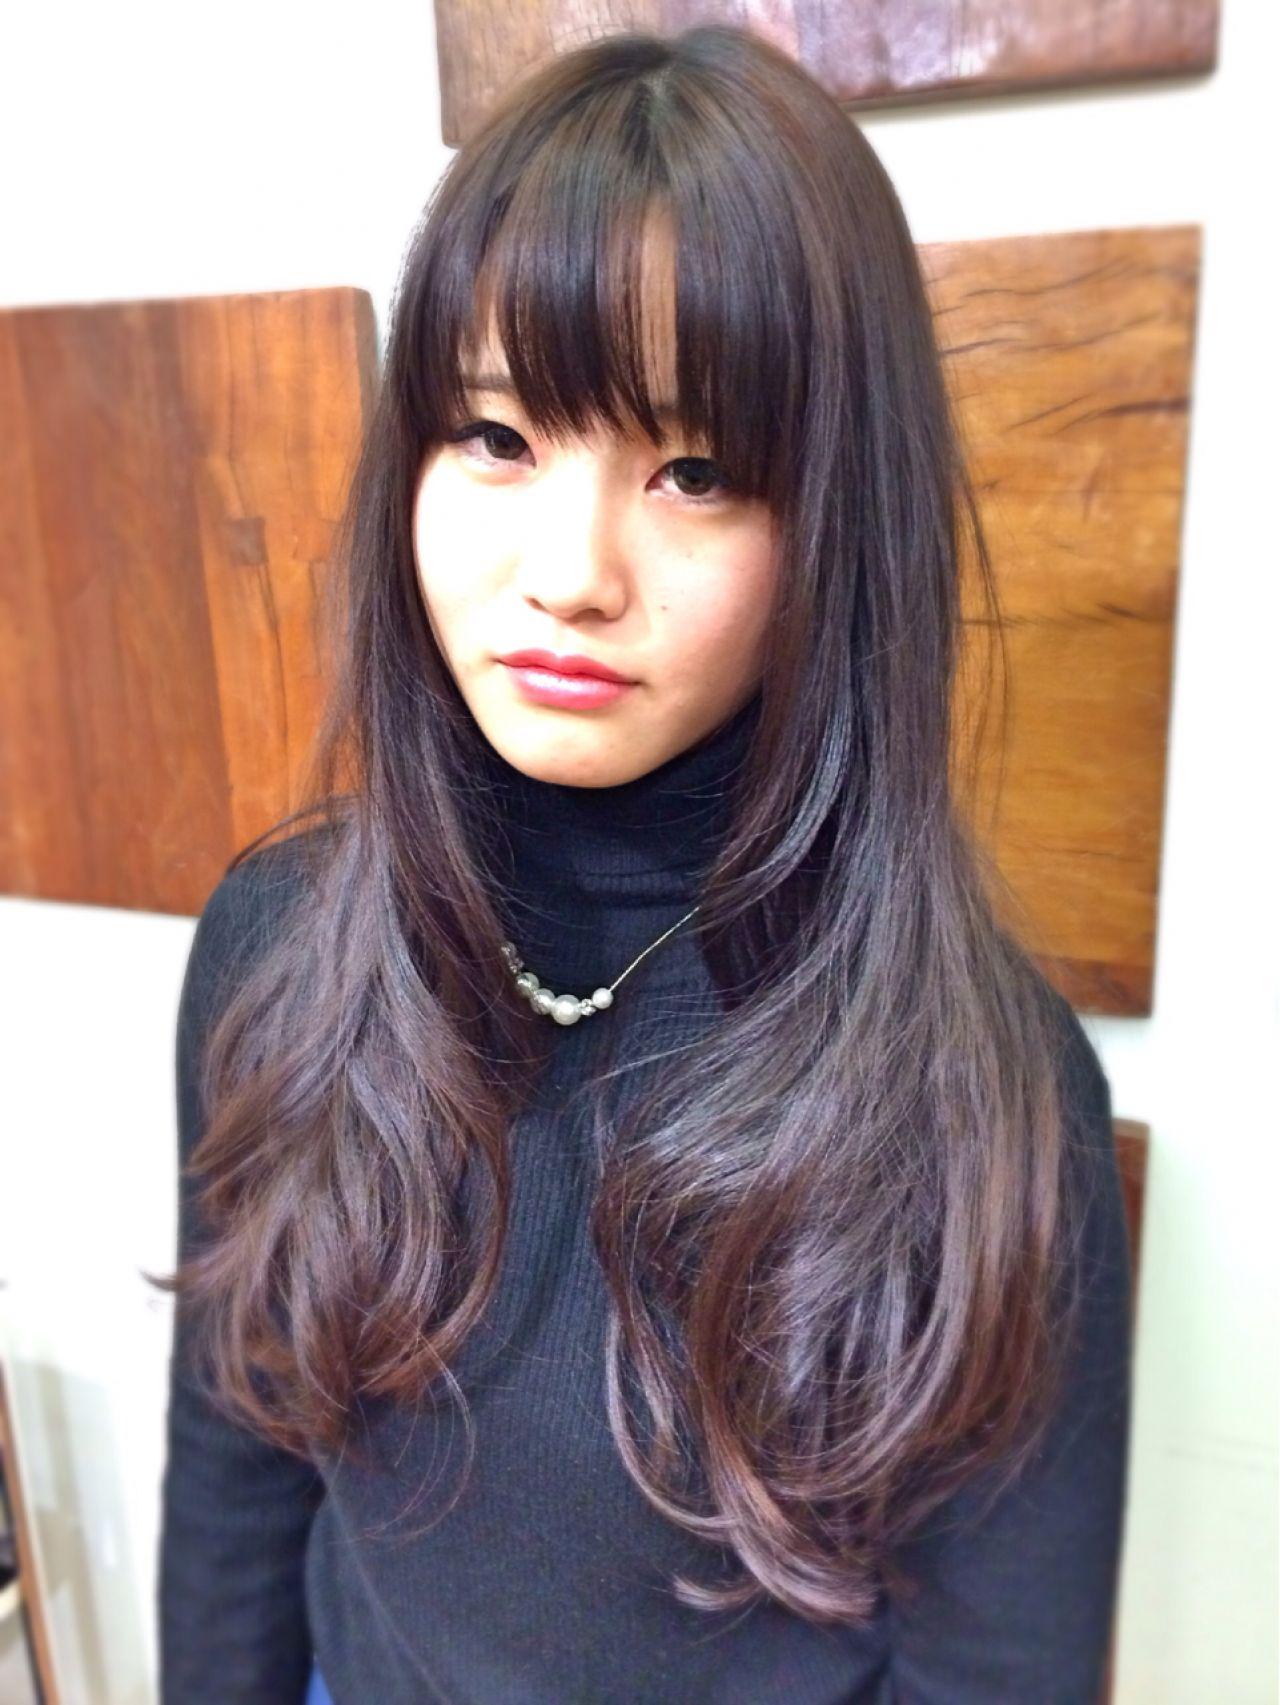 ナチュラル 黒髪 ロング ヘアスタイルや髪型の写真・画像